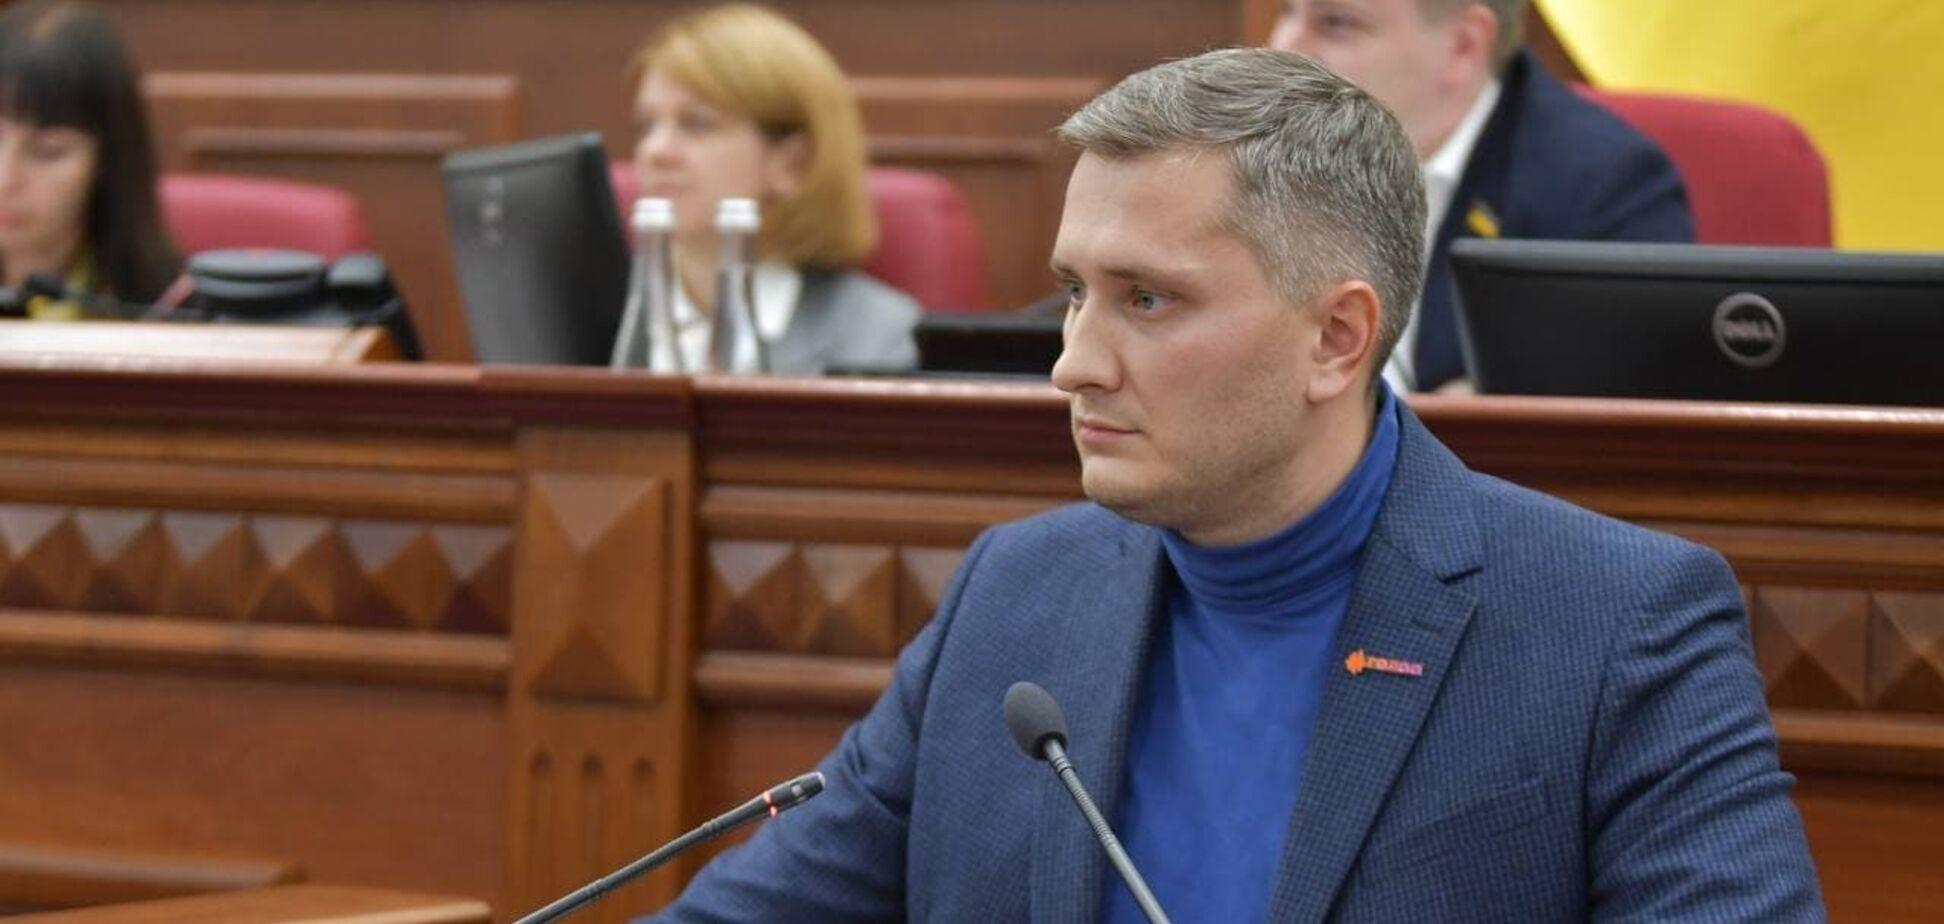 Київрада звернулася до Мінкульту щодо передання римо-католицькій громаді Костелу святого Миколая у Києві